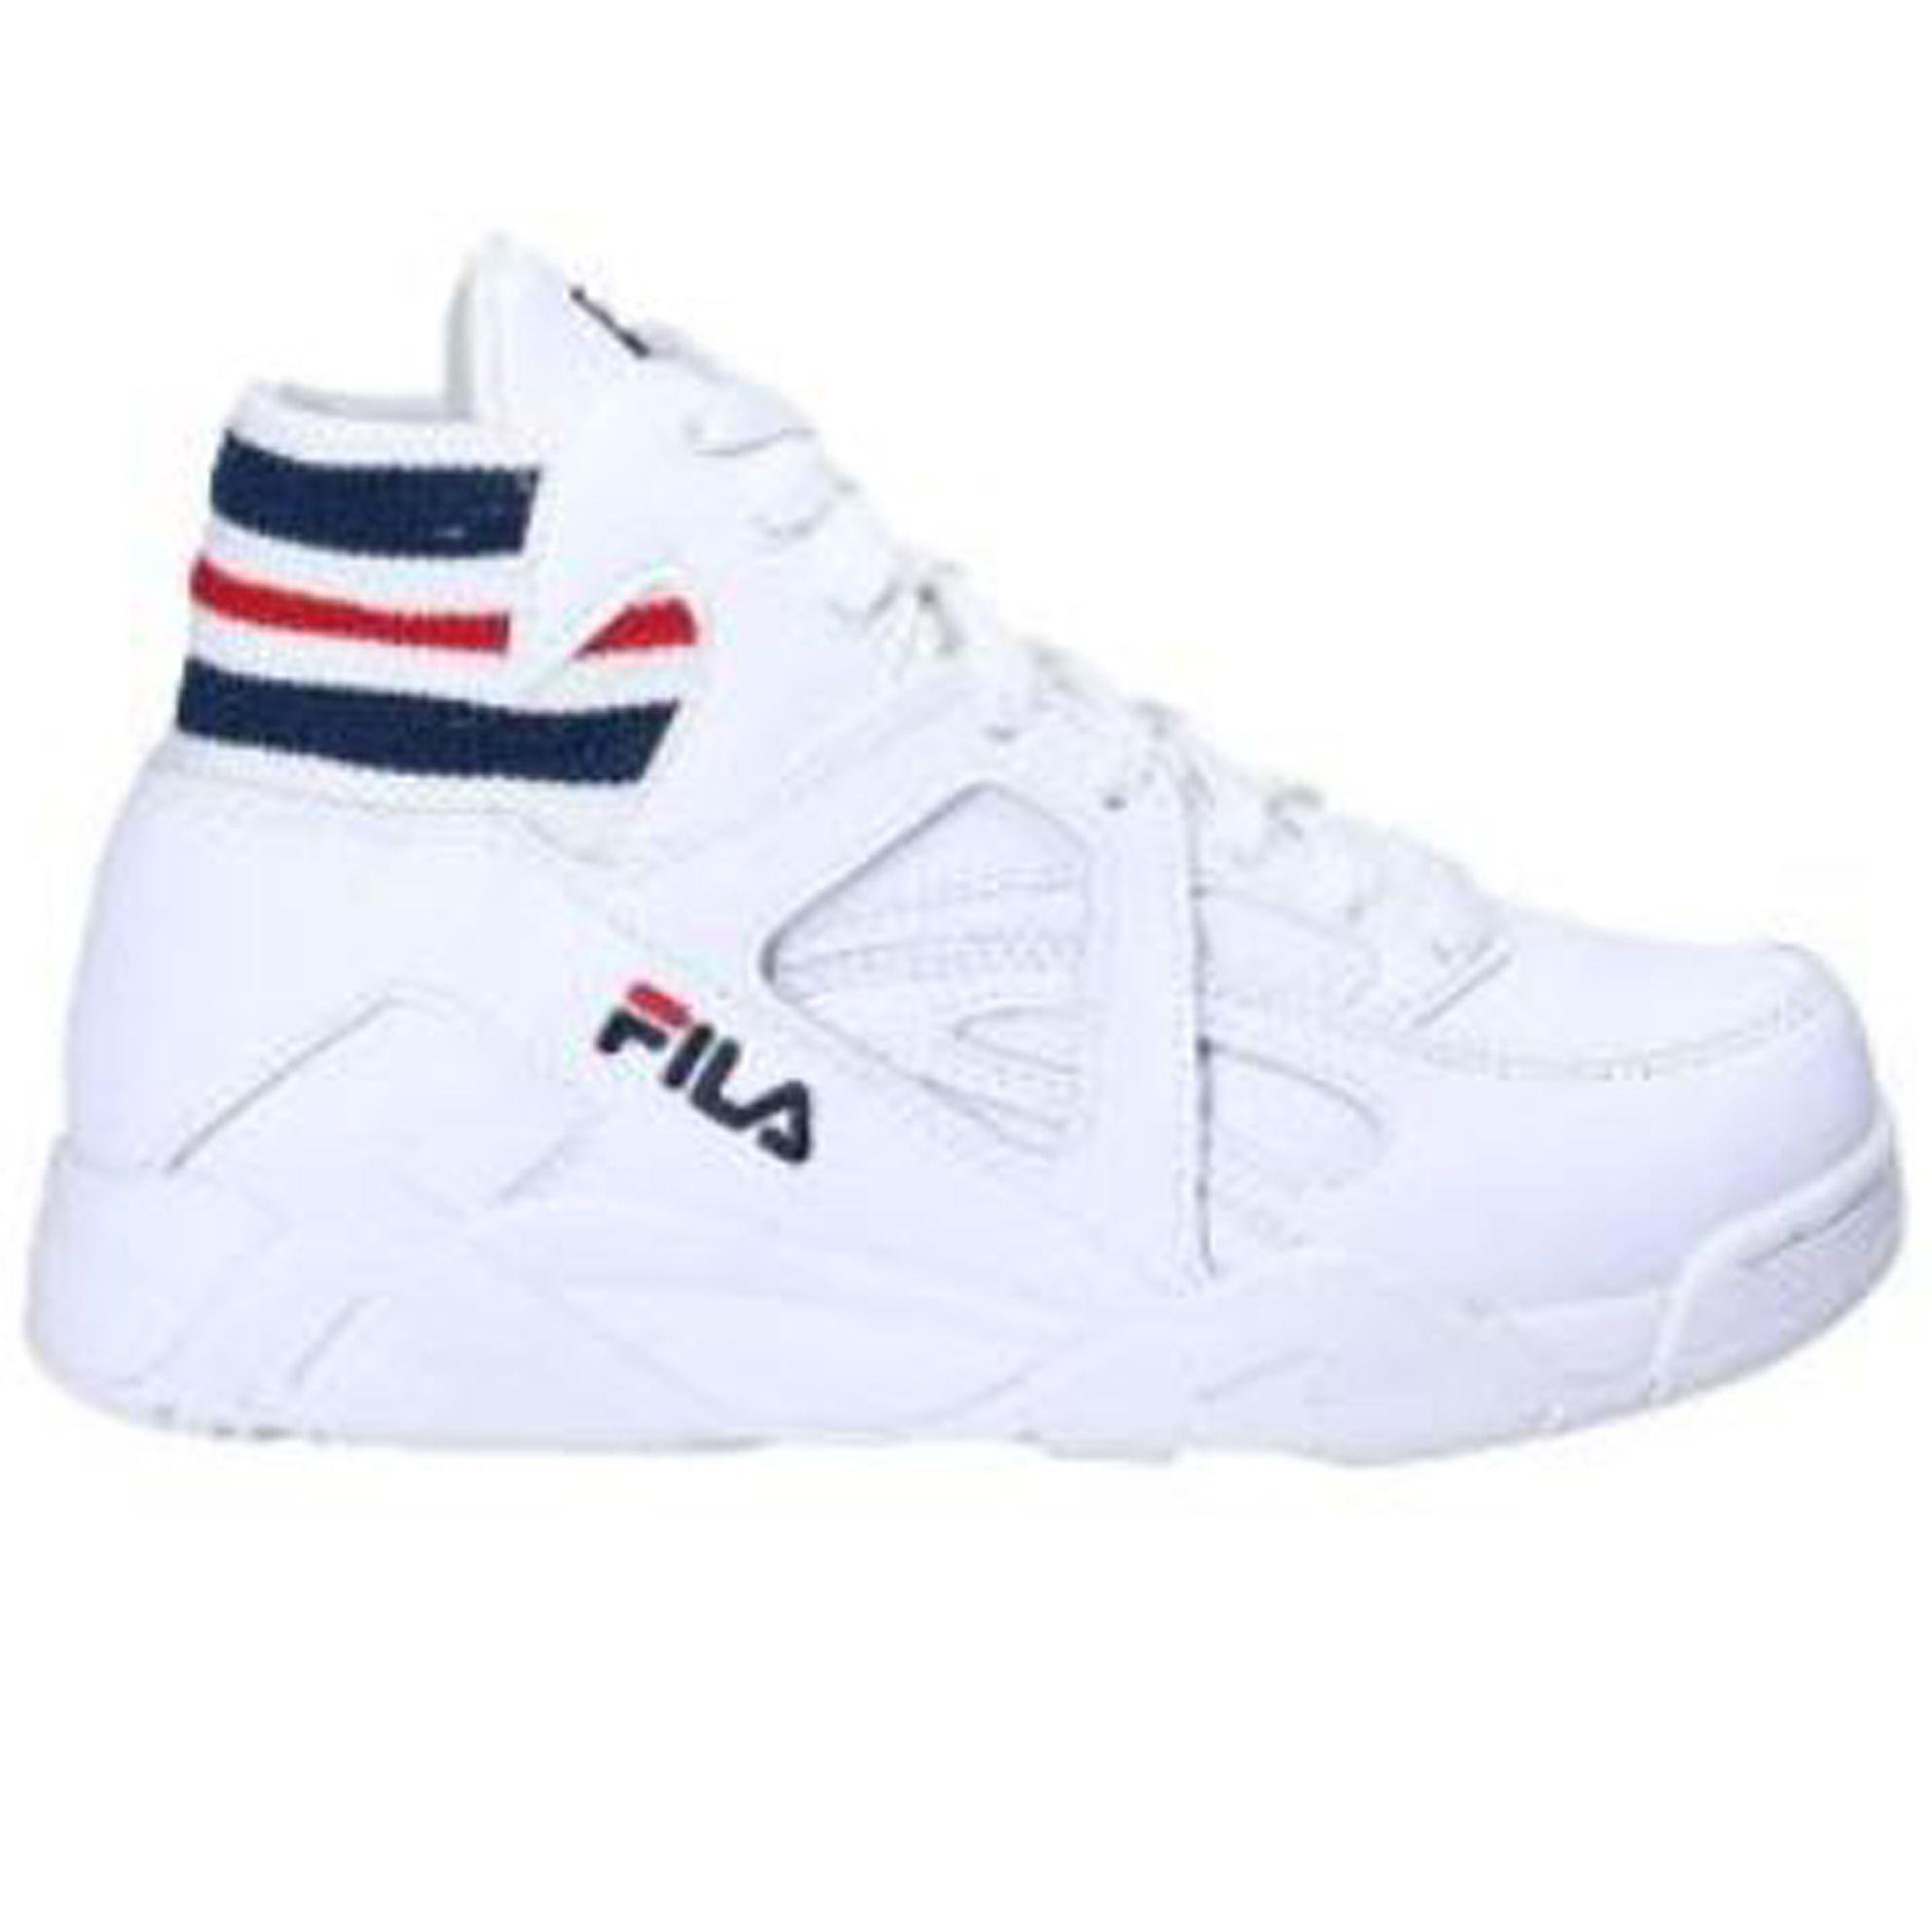 chaussure blanche montante fila